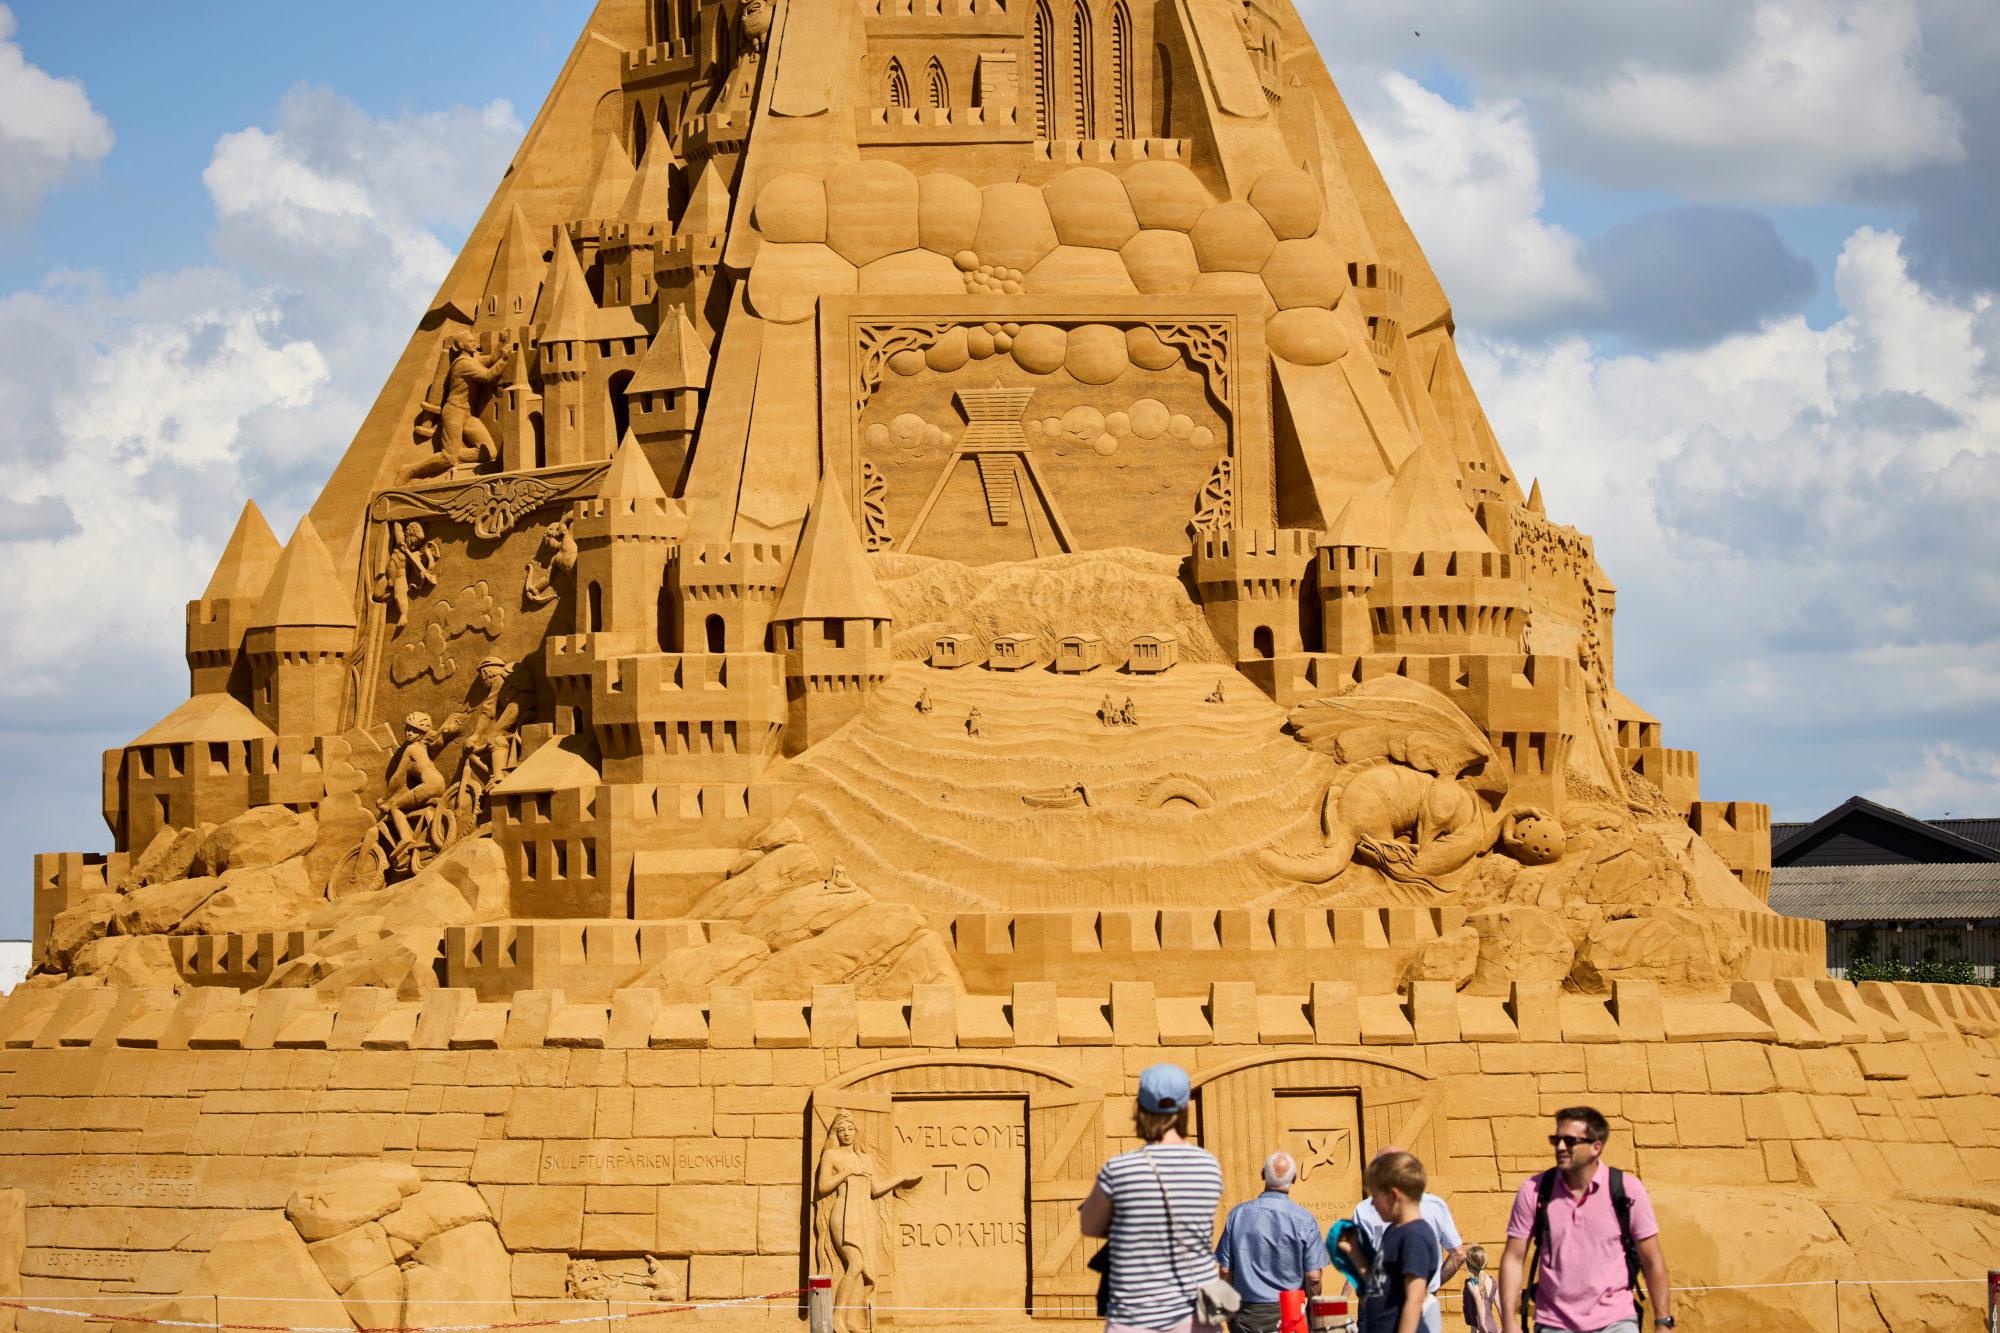 The world's tallest sand sculpture is seen in Blokhus, Denamrk.